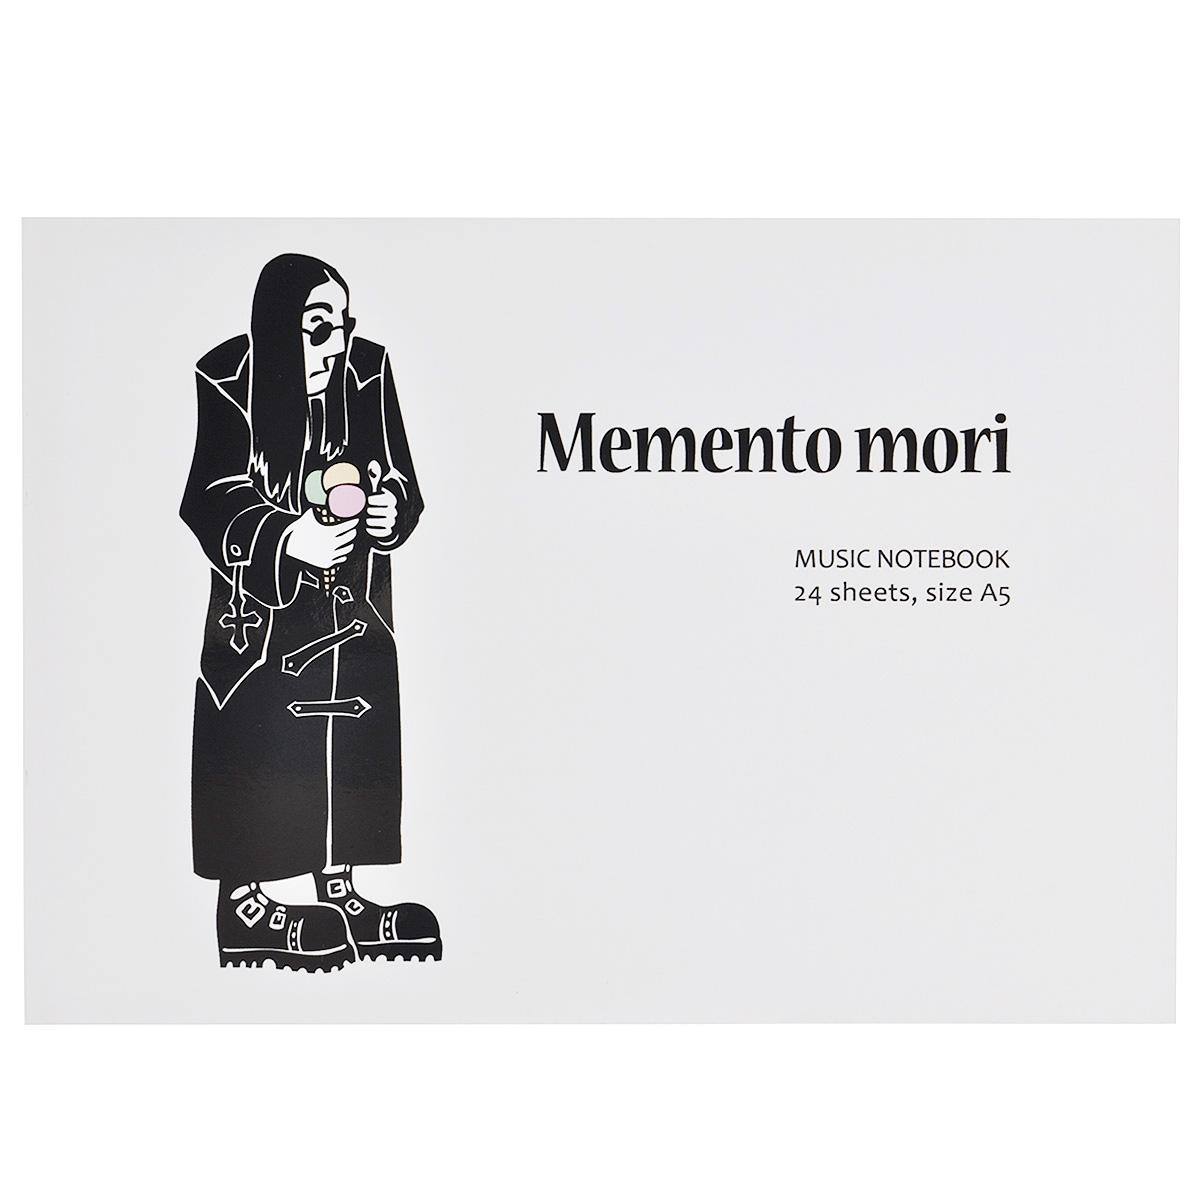 Тетрадь для нот Memento Mori, 24 листа. Формат А5M-Track 2X2MТетрадь для нот Memento Mori - отличный помощник в обучении музыке. Обложка выполнена из картона и оформлена изображением человека в черном плаще с мороженым в руке. Внутренний блок включает 24 листа с нотными станами.